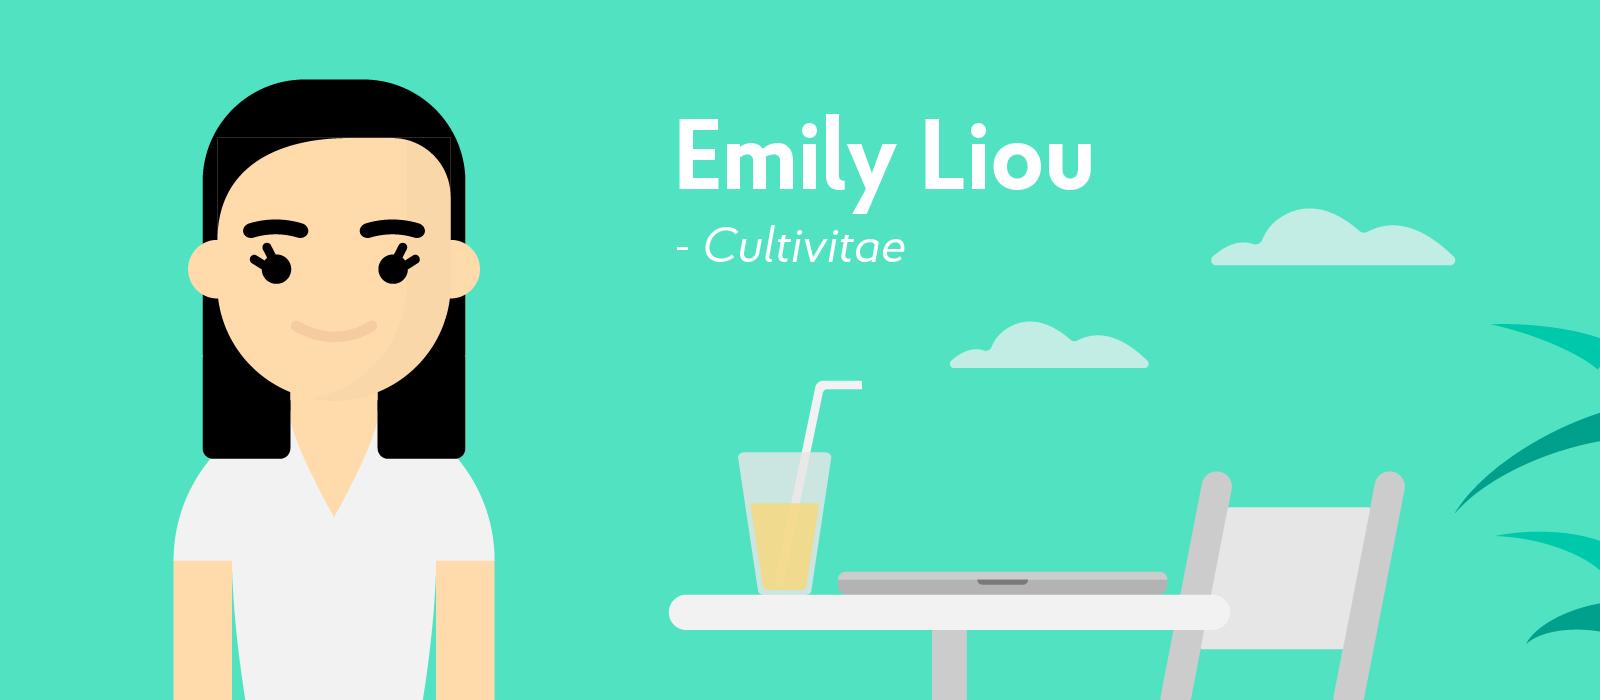 emily liou career influencer